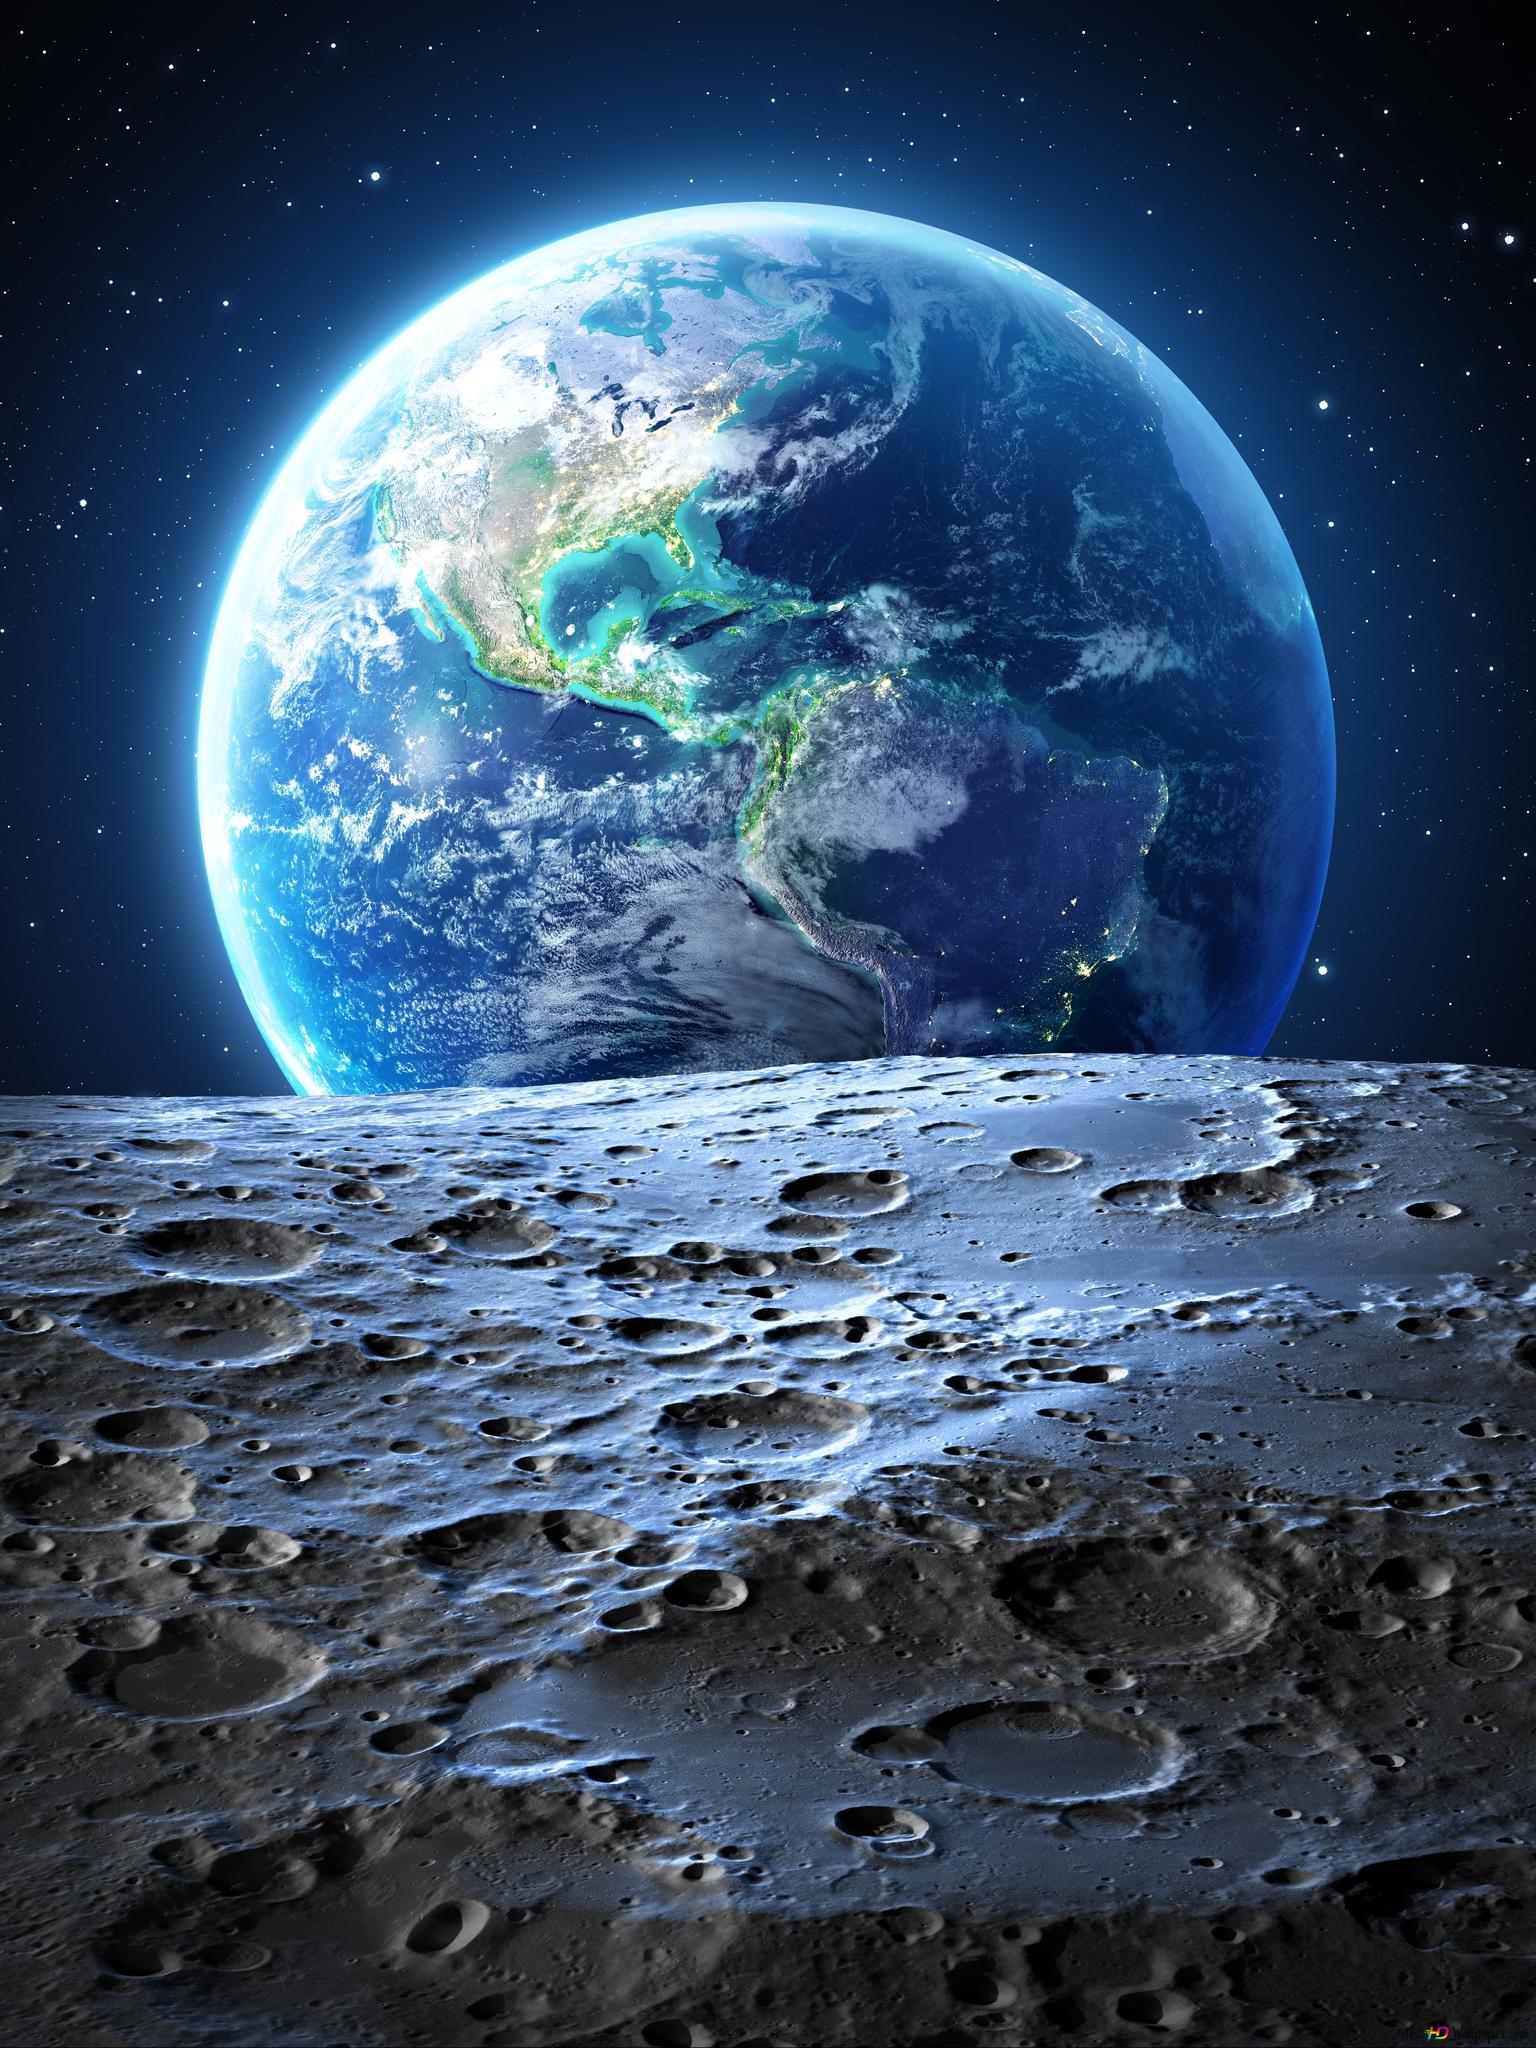 月面から地球ビュー Hd壁紙のダウンロード